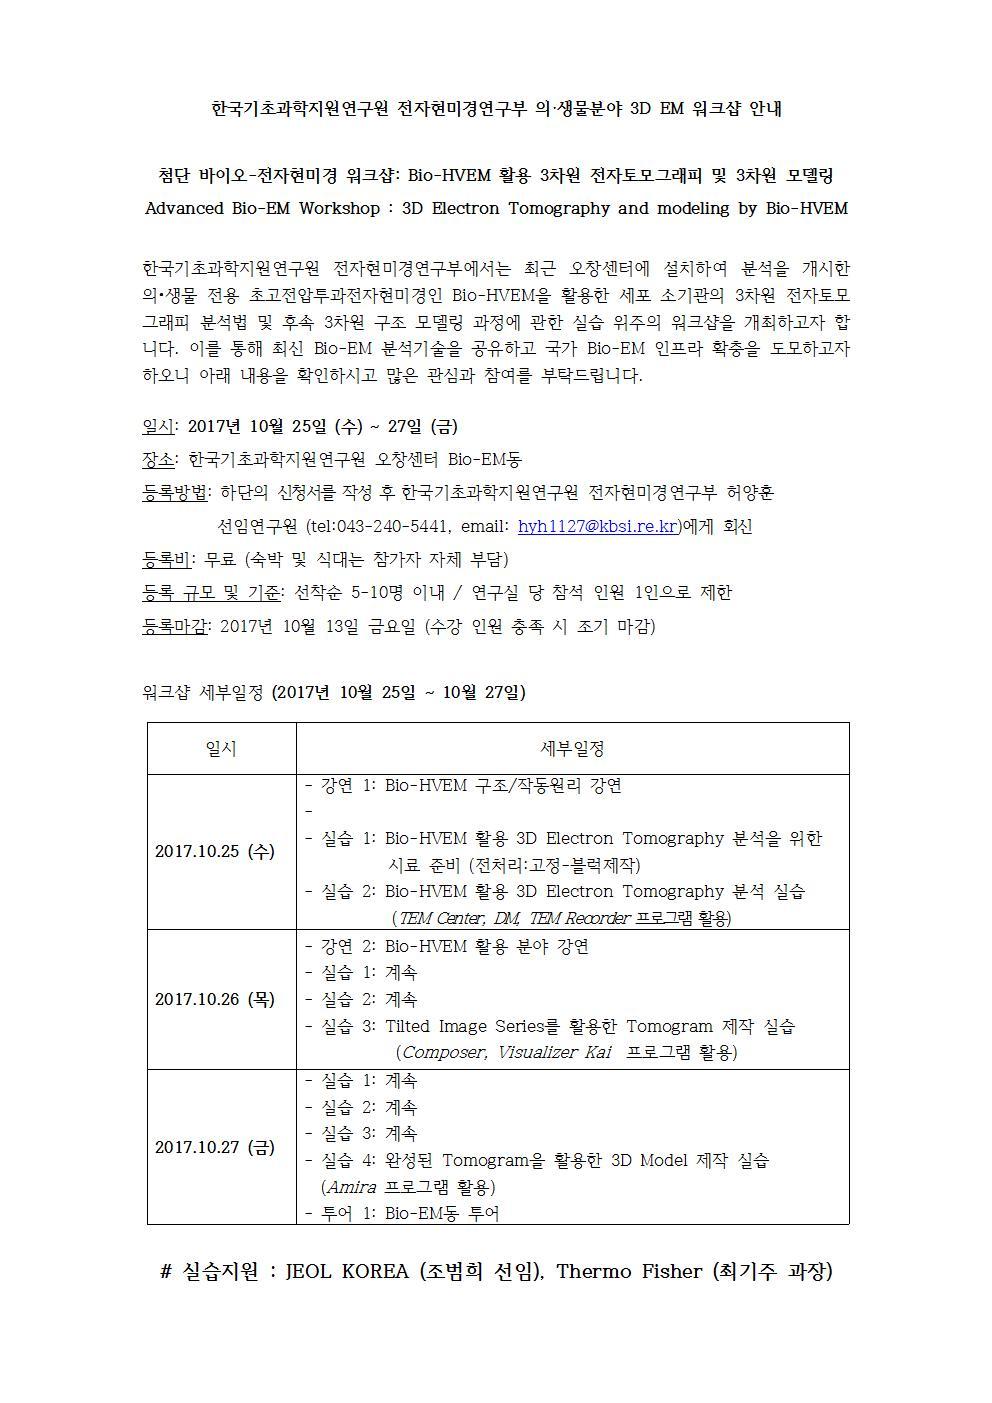 한국기초과학지원연구원 Advanced Bio-EM 워크샵 개최 안내001.jpg